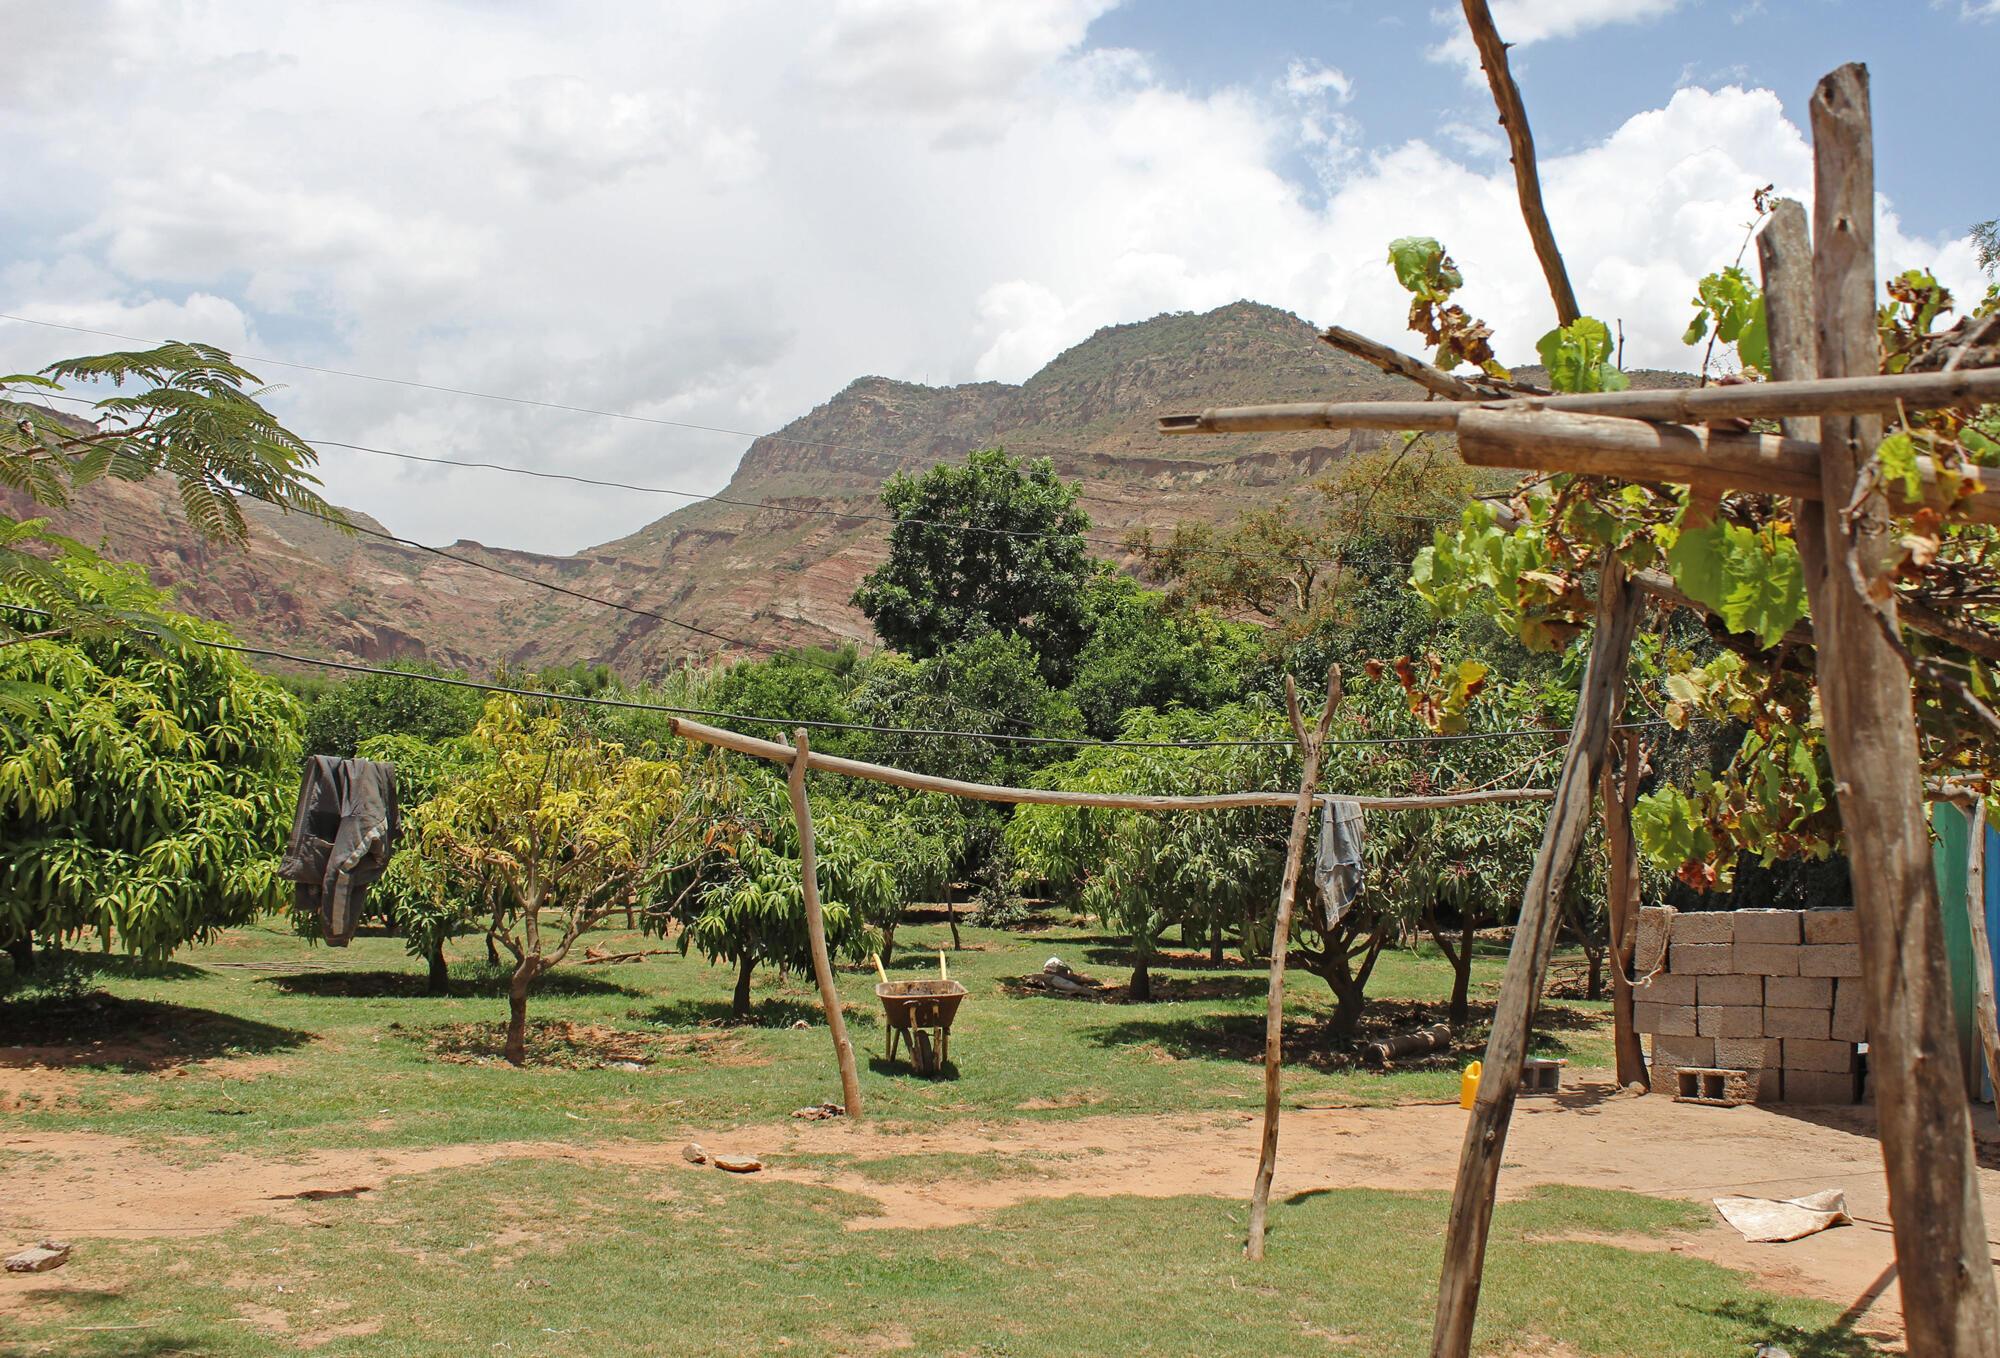 Le verger d'Asqwal Halefom, verdoyant, au pied des montagnes rouges du Tigray, dans le nord de l'Éthiopie.